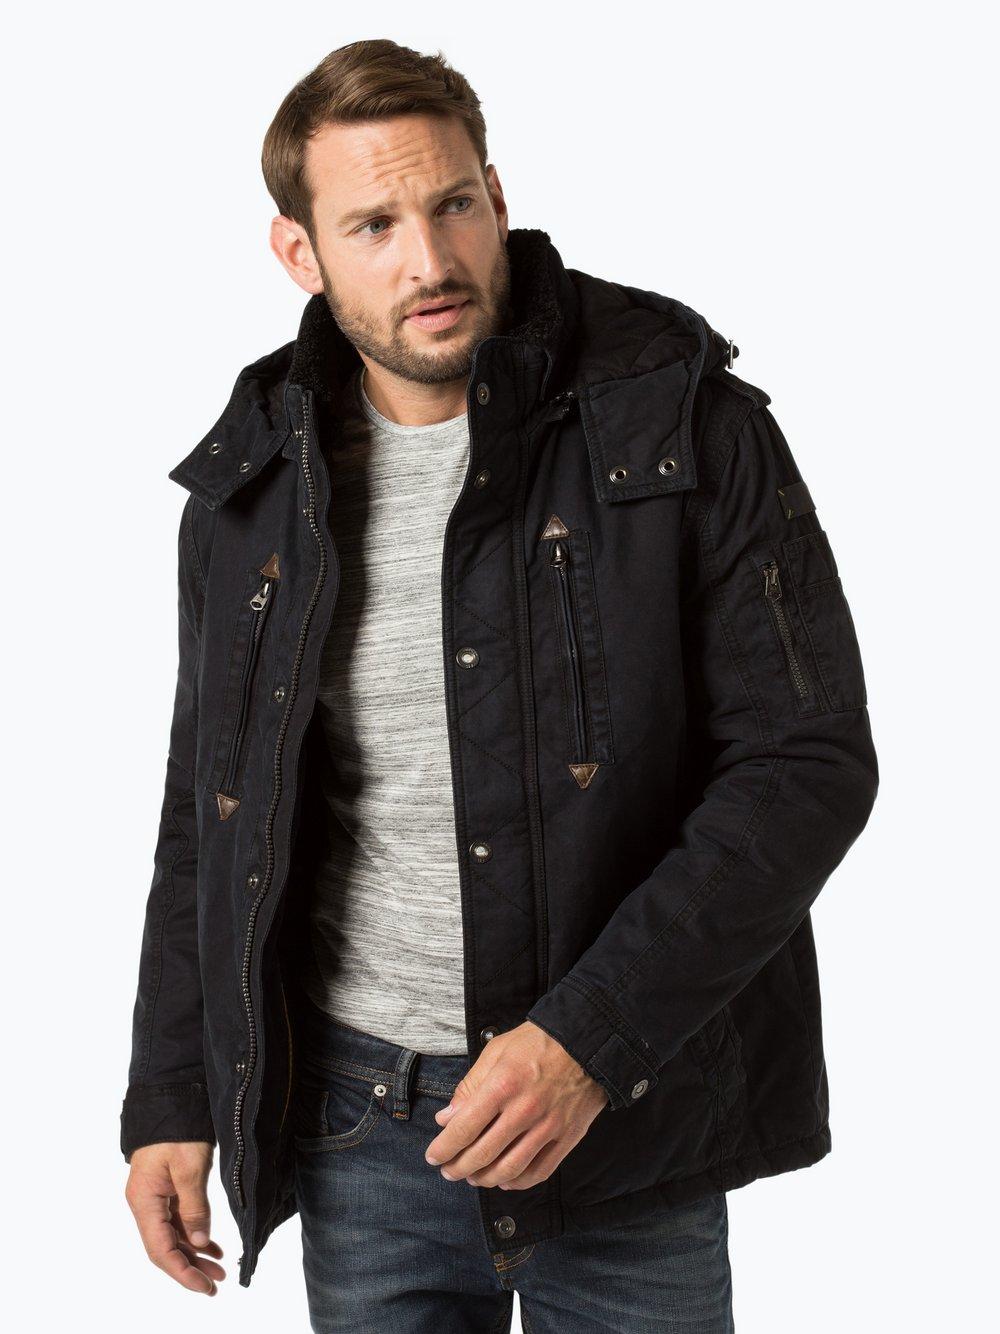 vielfältig Stile besserer Preis für 2019 echt Nils Sundström Herren Jacke - Tonic online kaufen | PEEK-UND ...